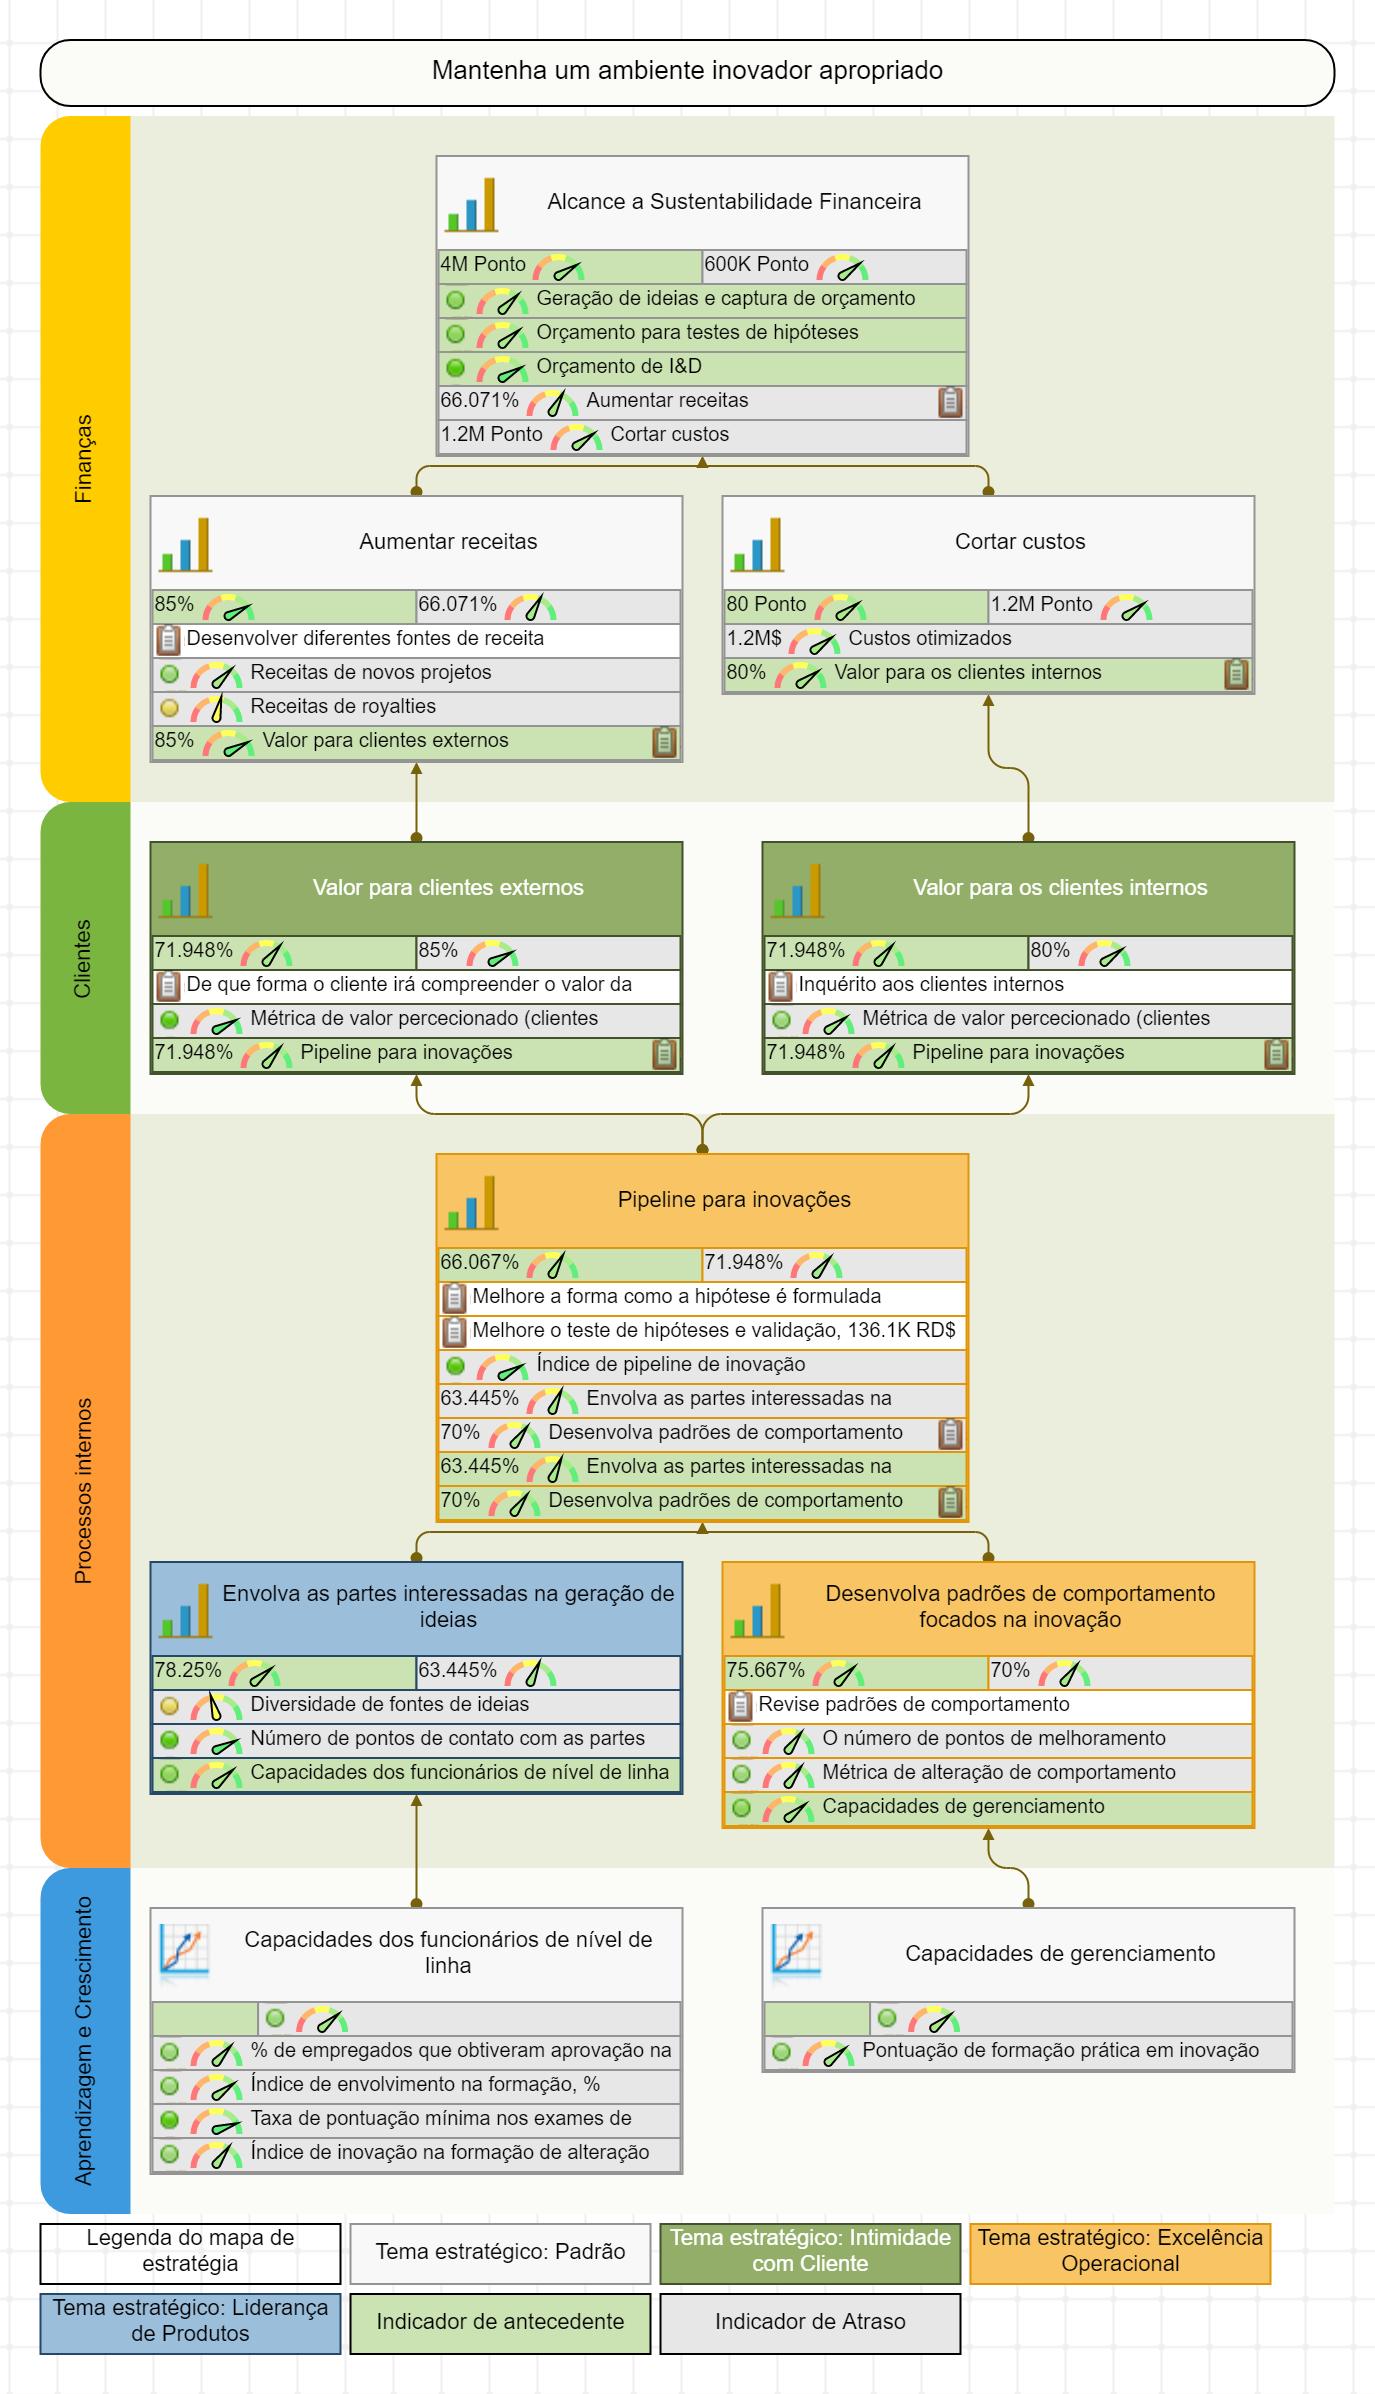 Um exemplo de um mapa estratégico para inovações